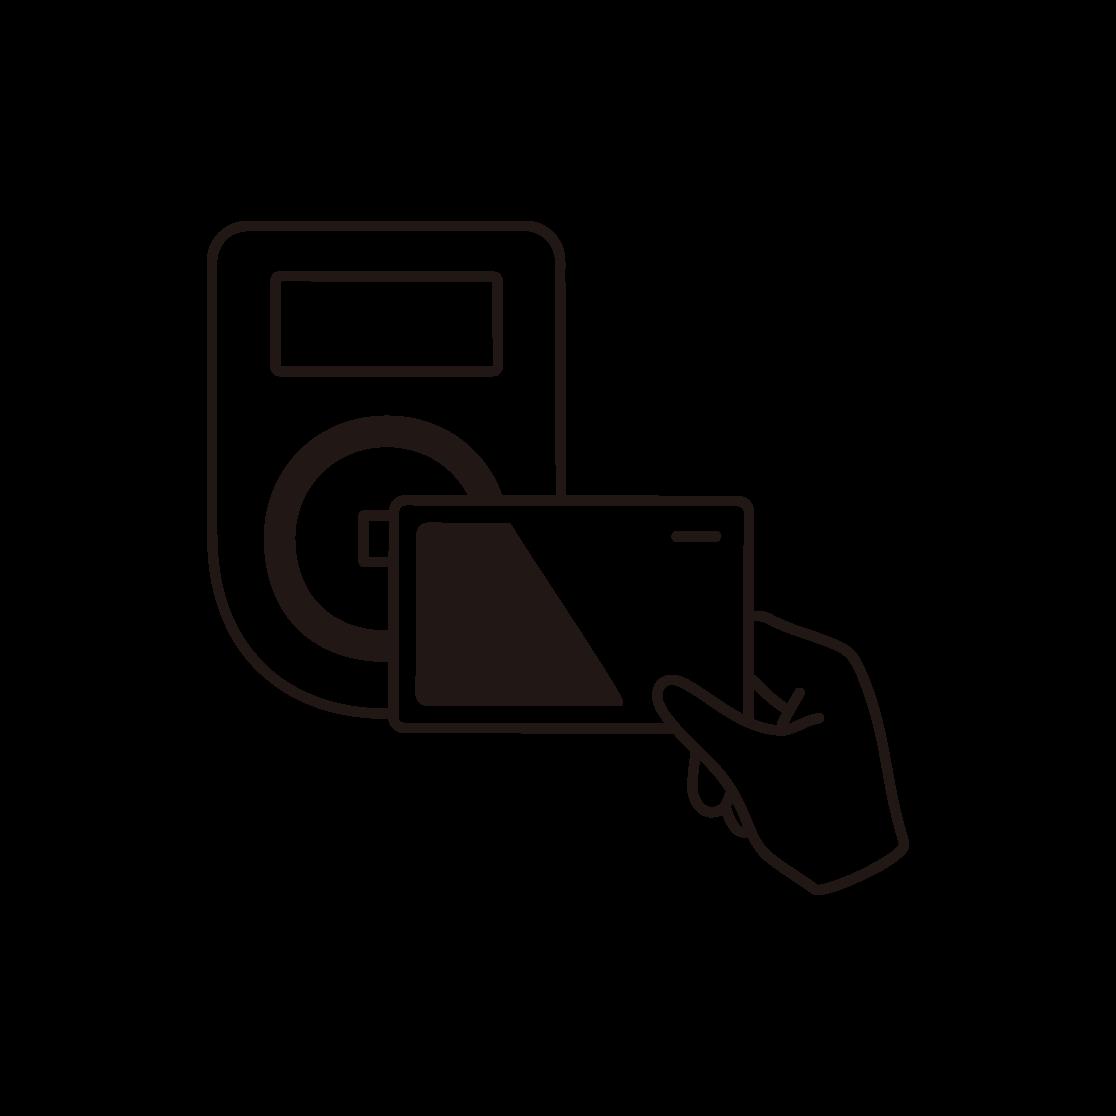 電子マネー決済のイラスト(線画)